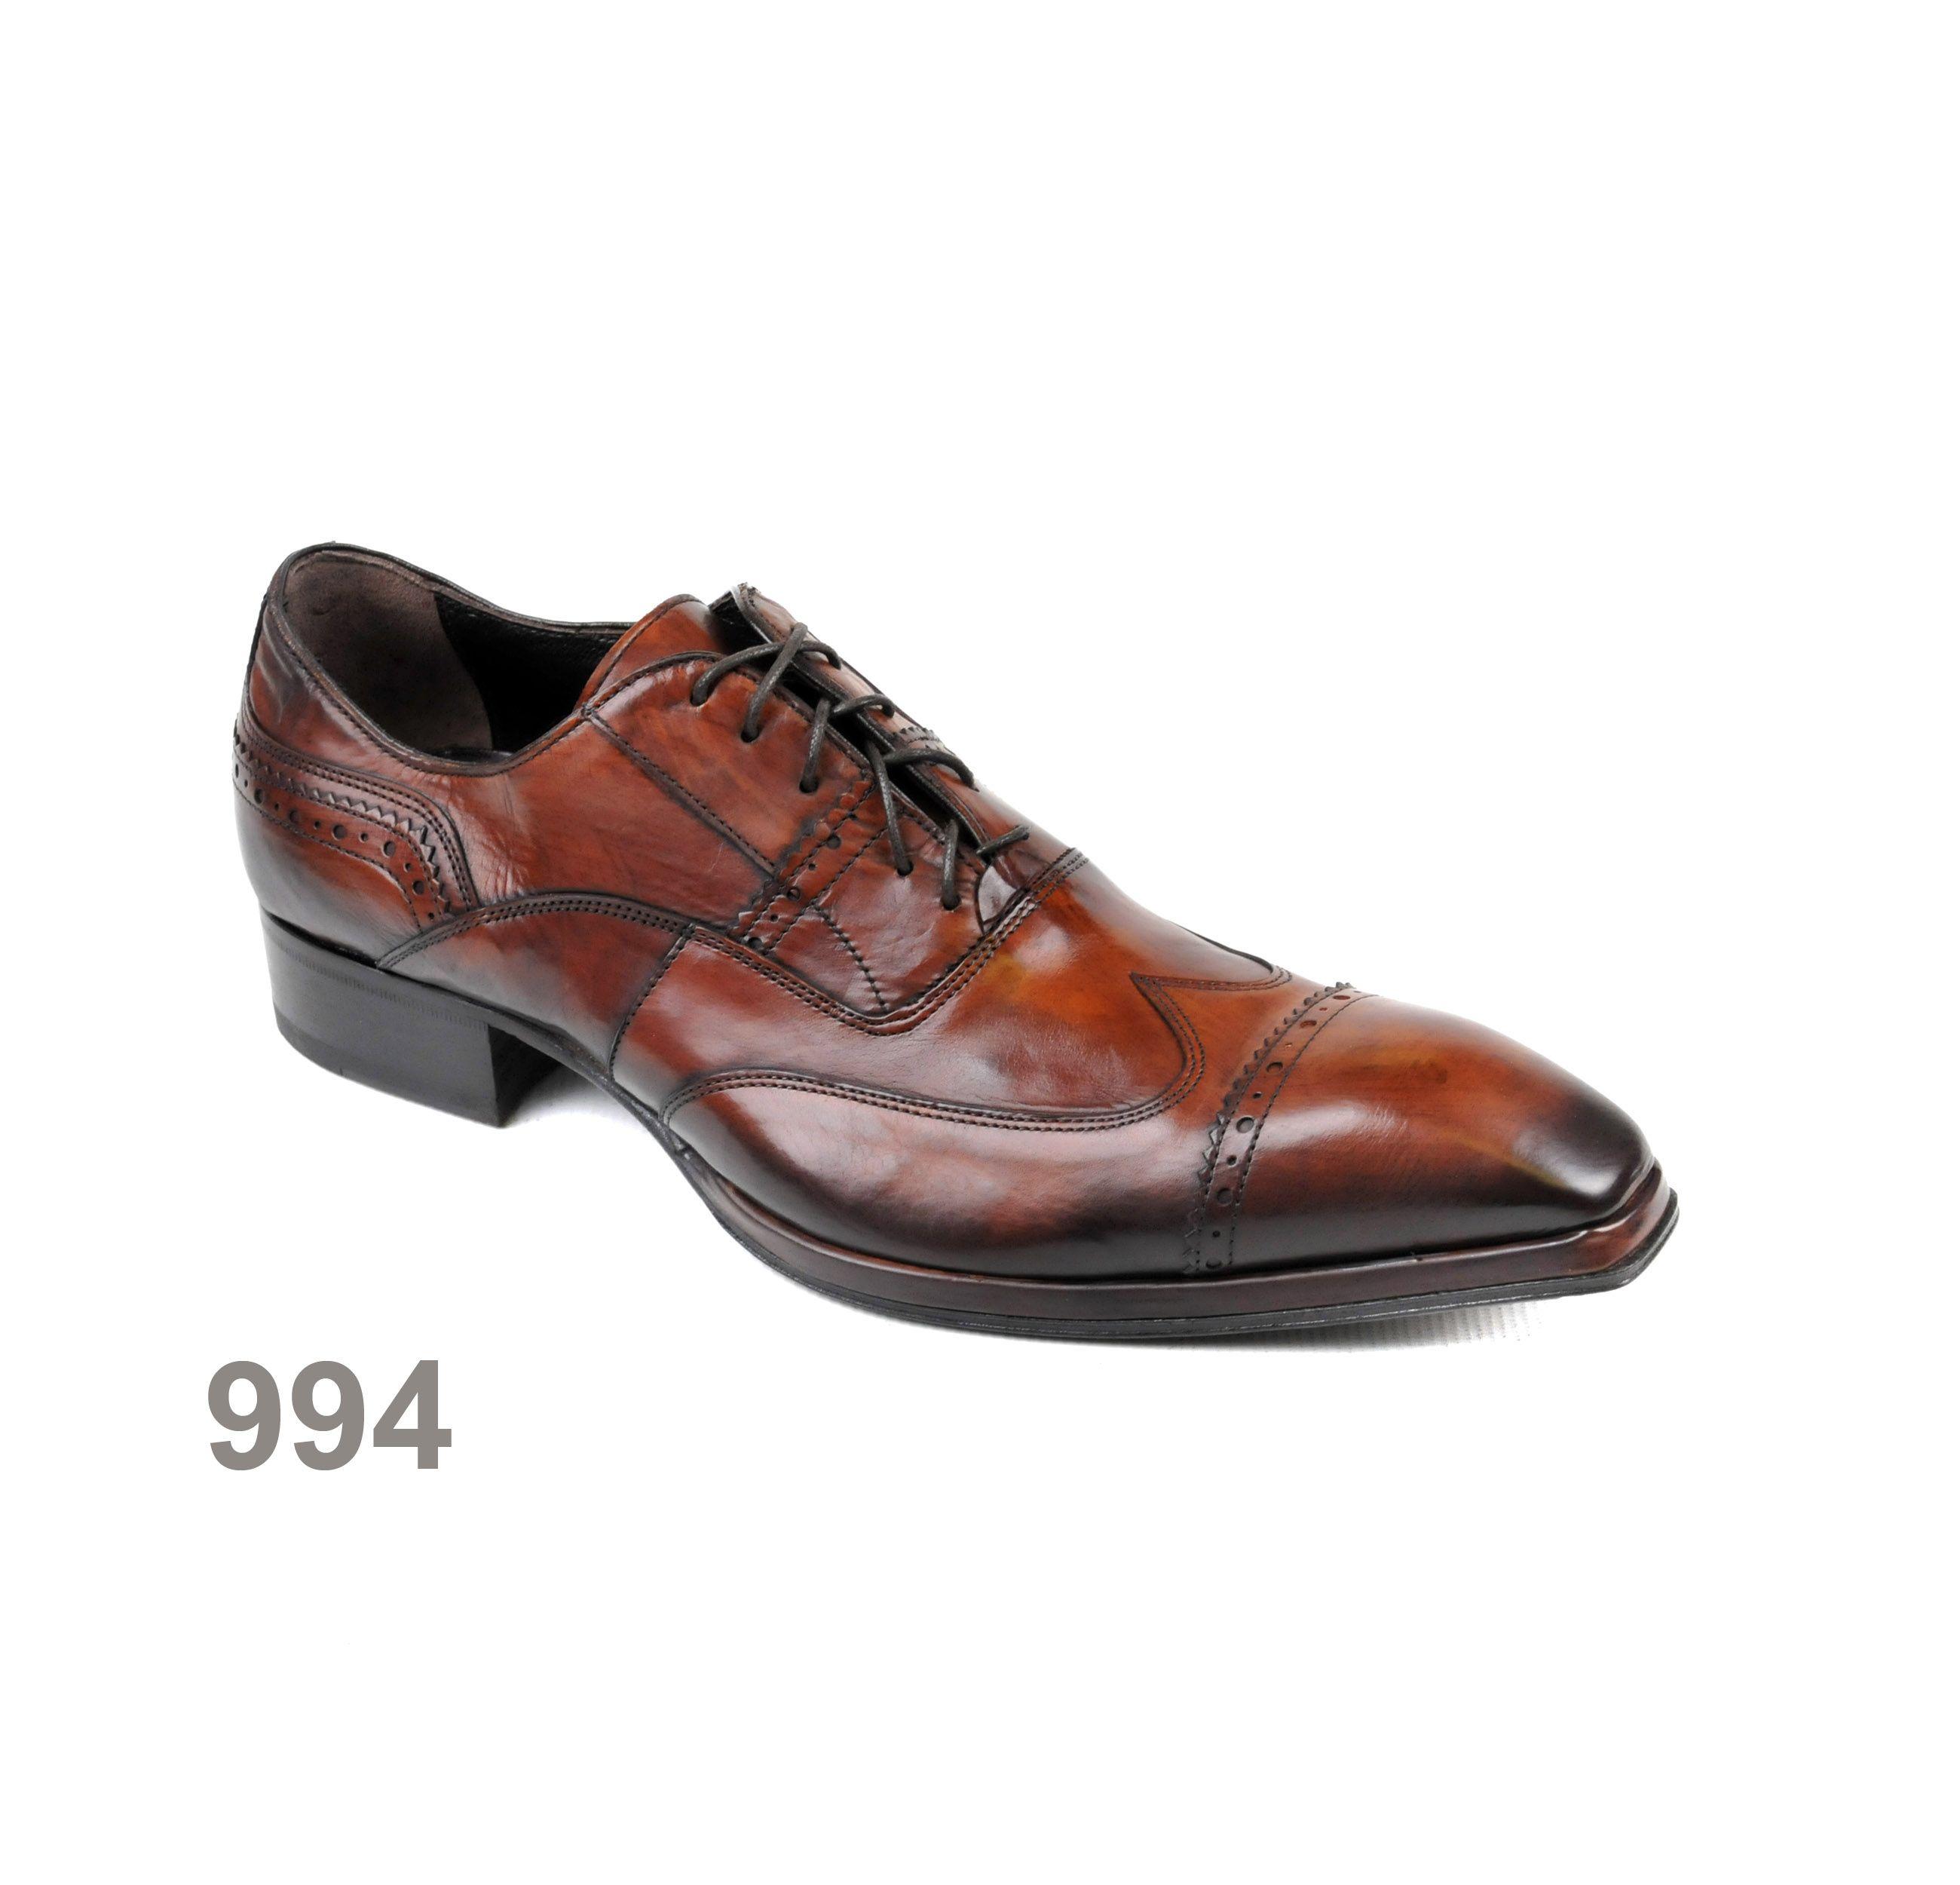 Jo Ghost 994 Hautefootwear.com